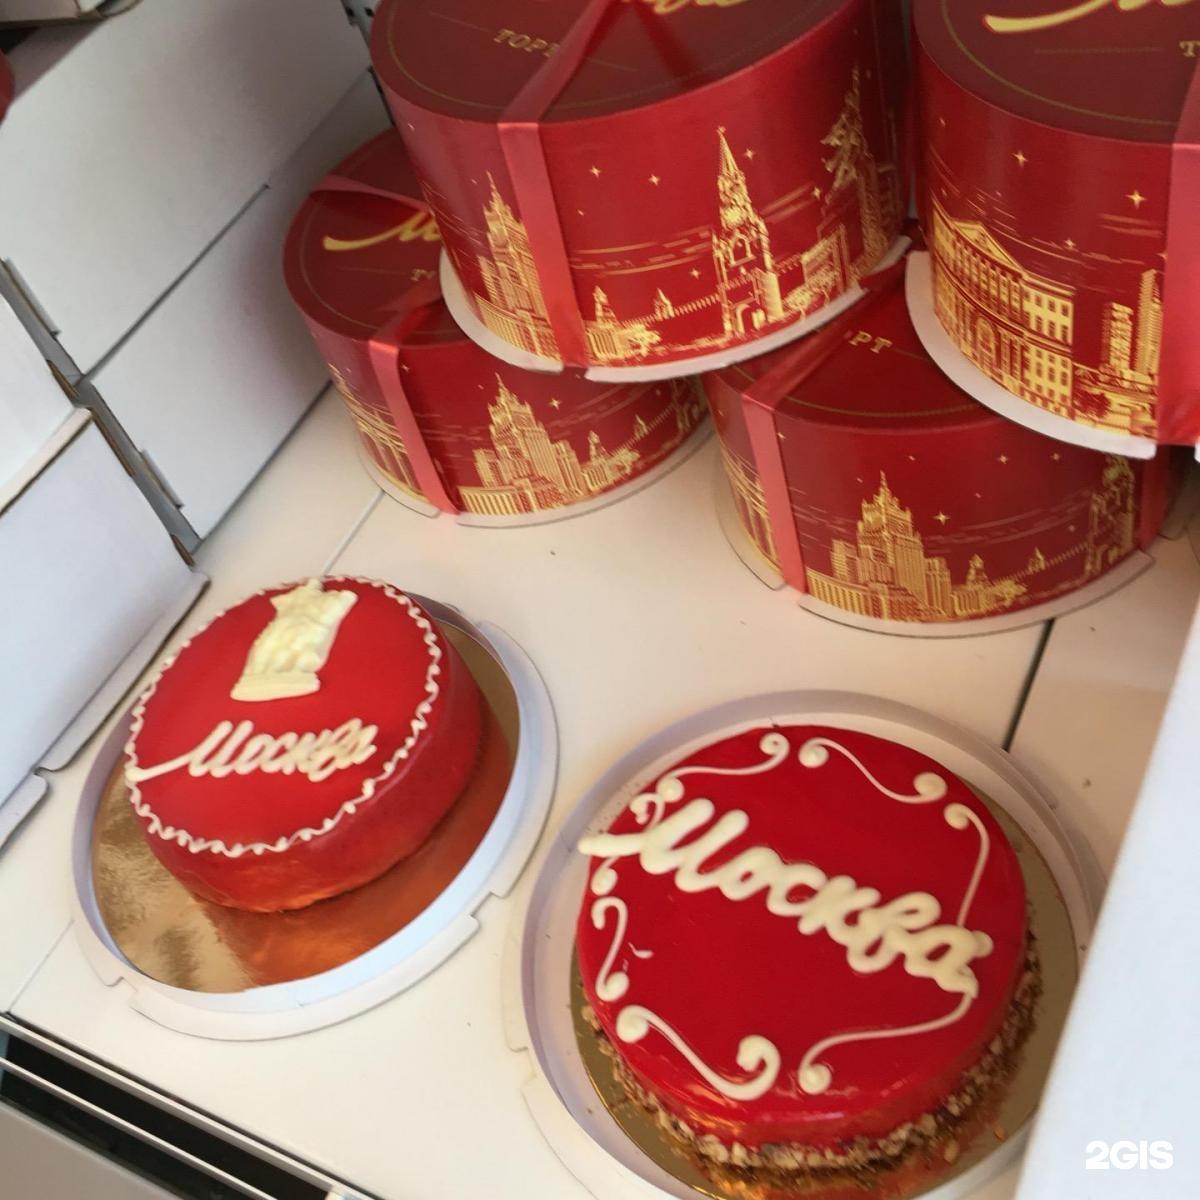 На нашем сайте вы можете заказать доставку десертов по москве и московской области, интернет-магазин работает круглосуточно, без выходных.